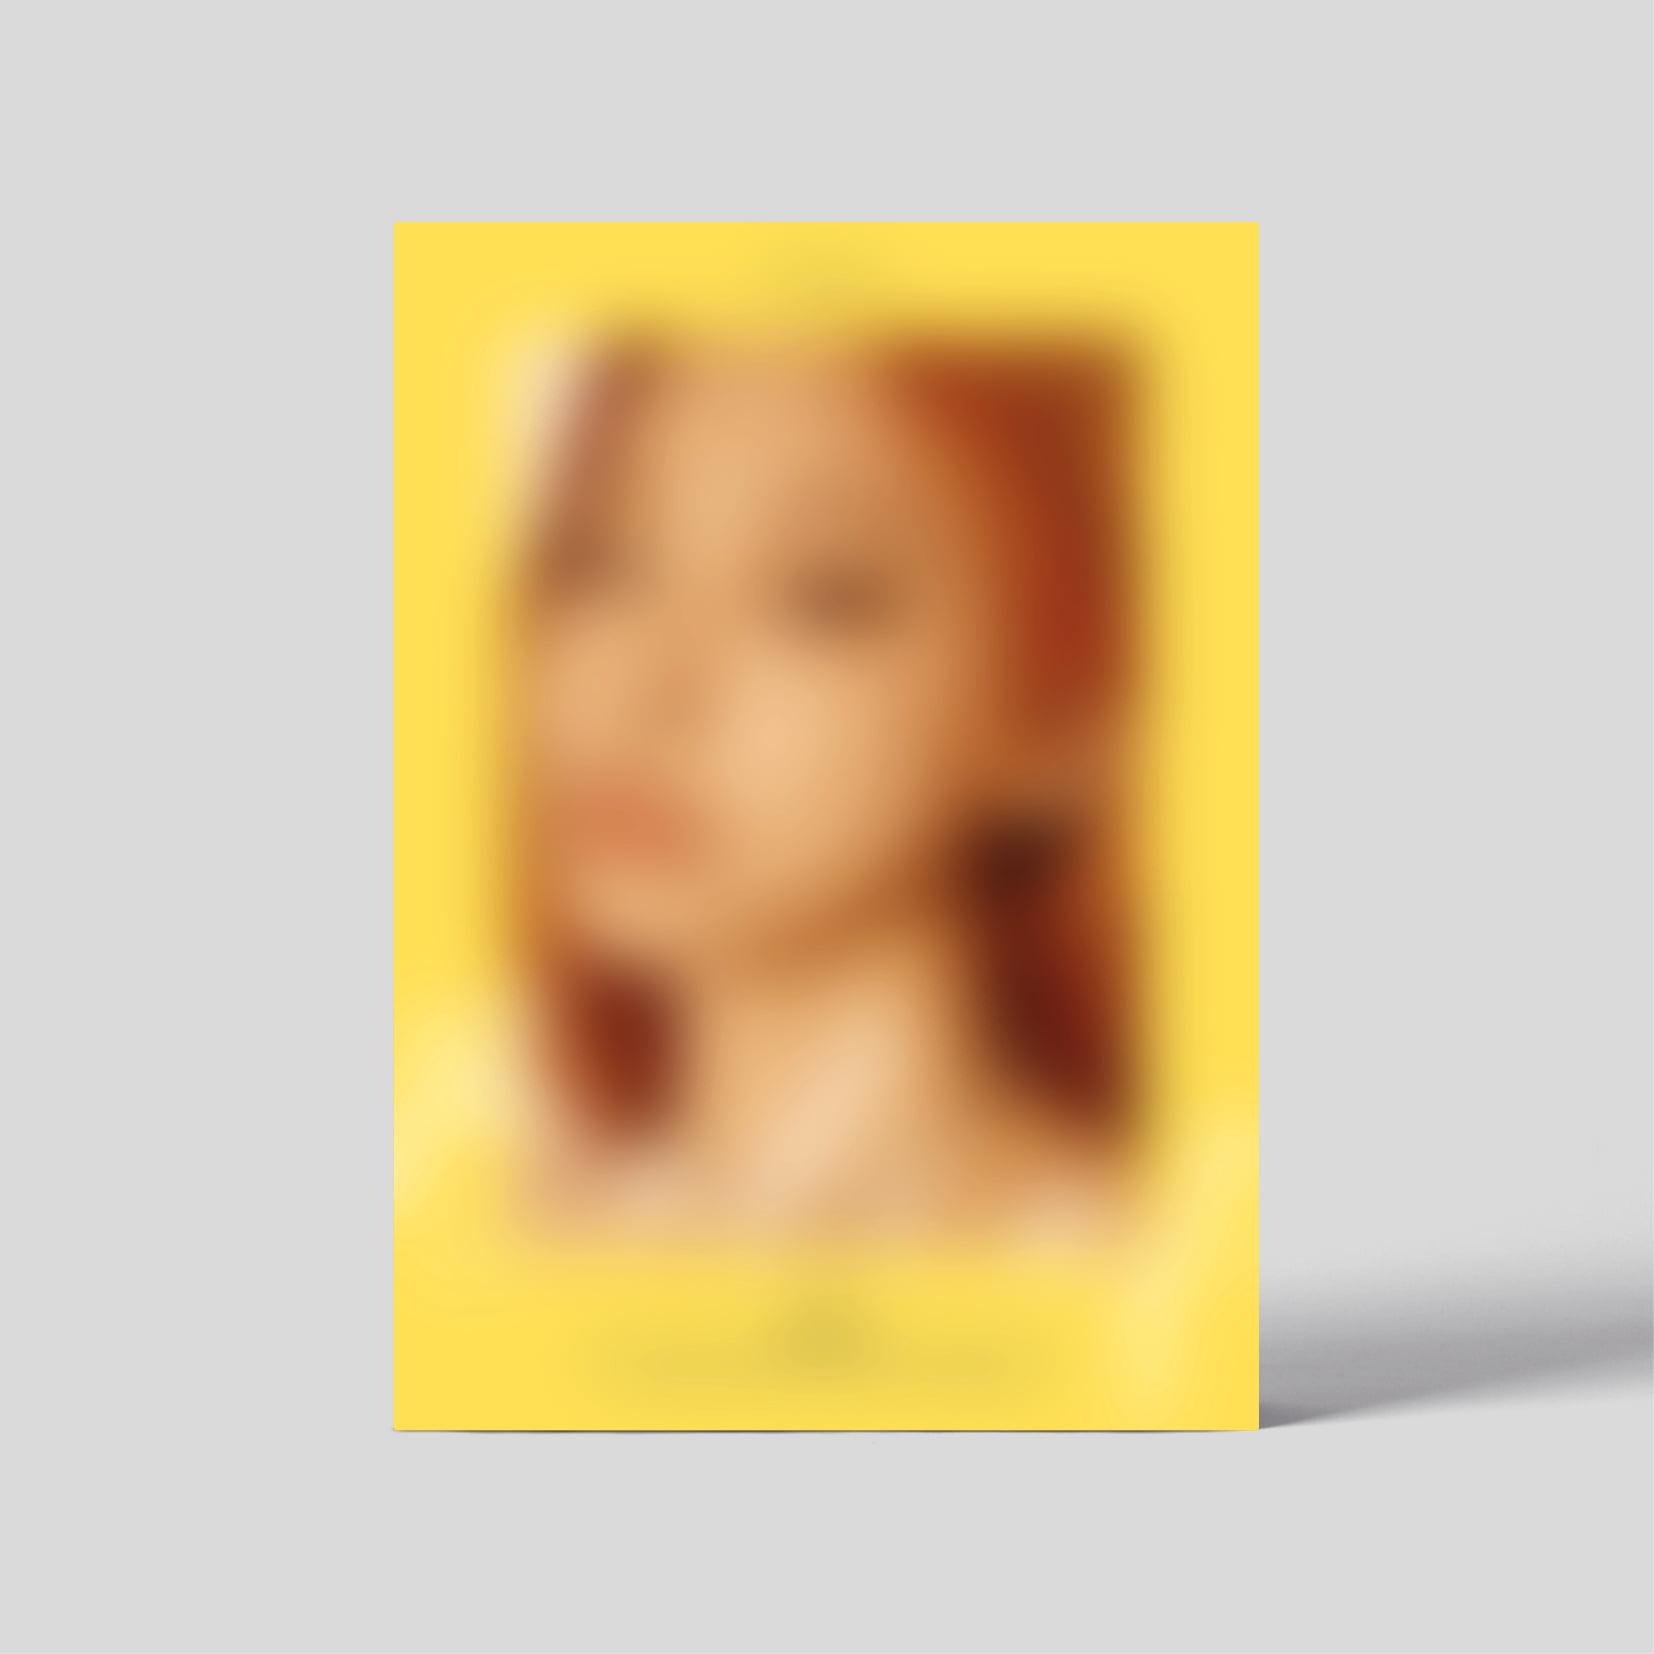 홍천기 OST 앨범- SBS 드라마 (USB)